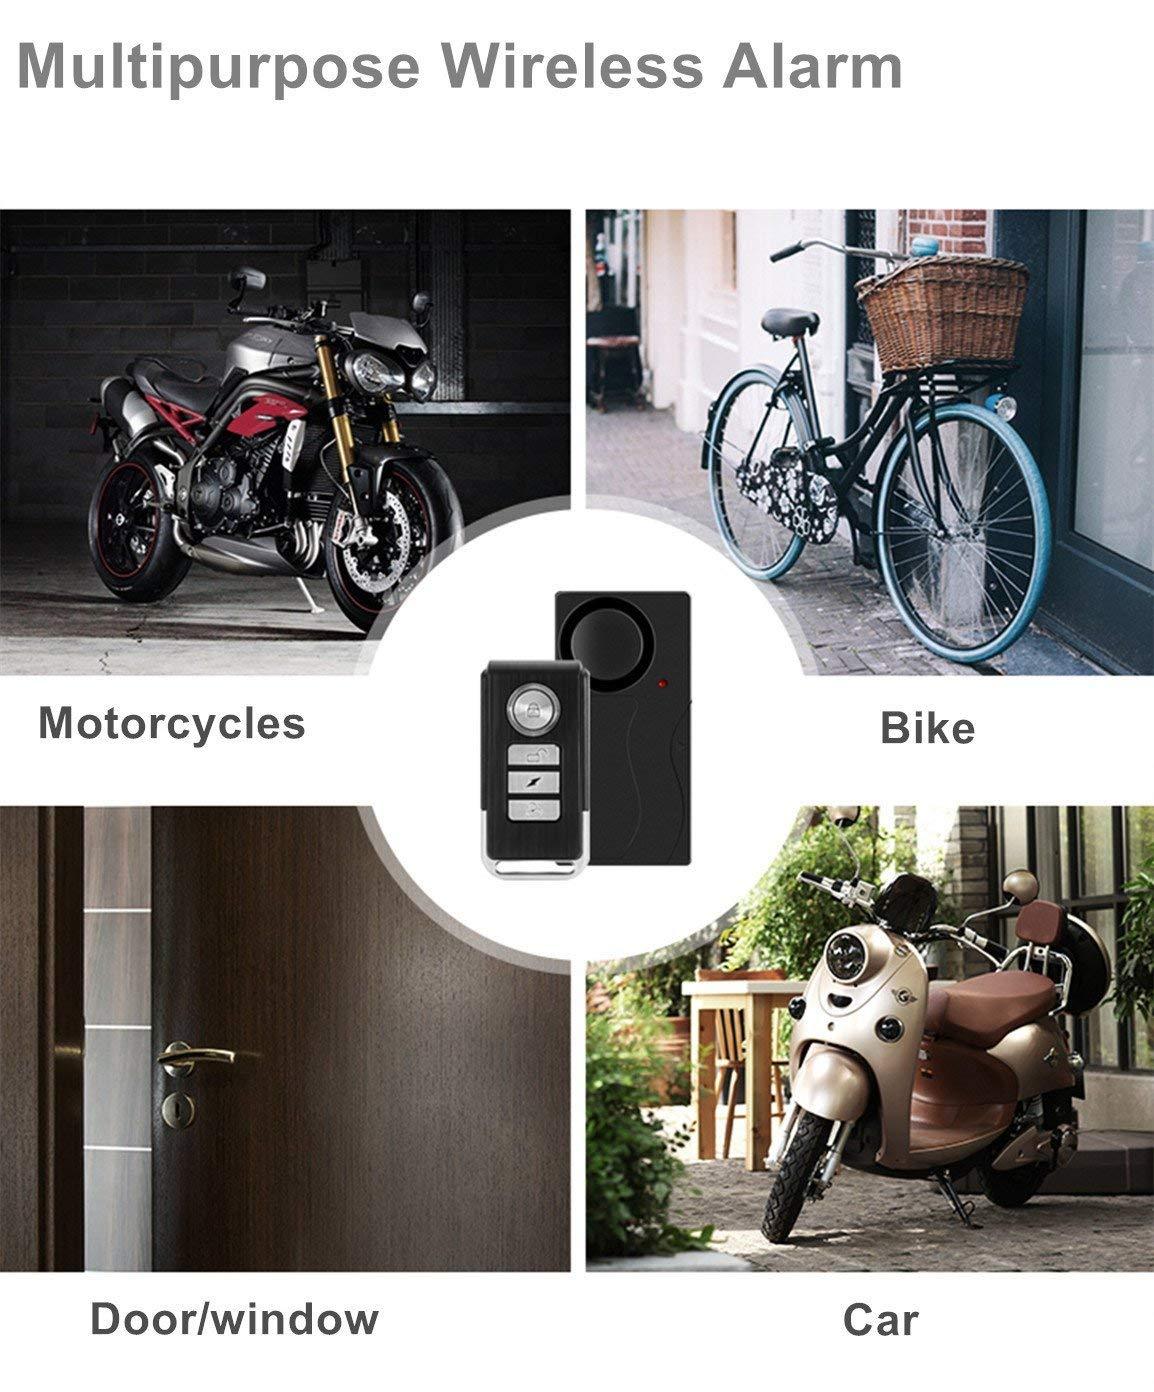 Motocicleta o veh/ículo Alarma de Puerta y Ventana Alarma de vibraci/ón inal/ámbrica WiHoo con Mando a Distancia antirrobo para Bicicleta Alarma de Seguridad de 110 dB Black-2